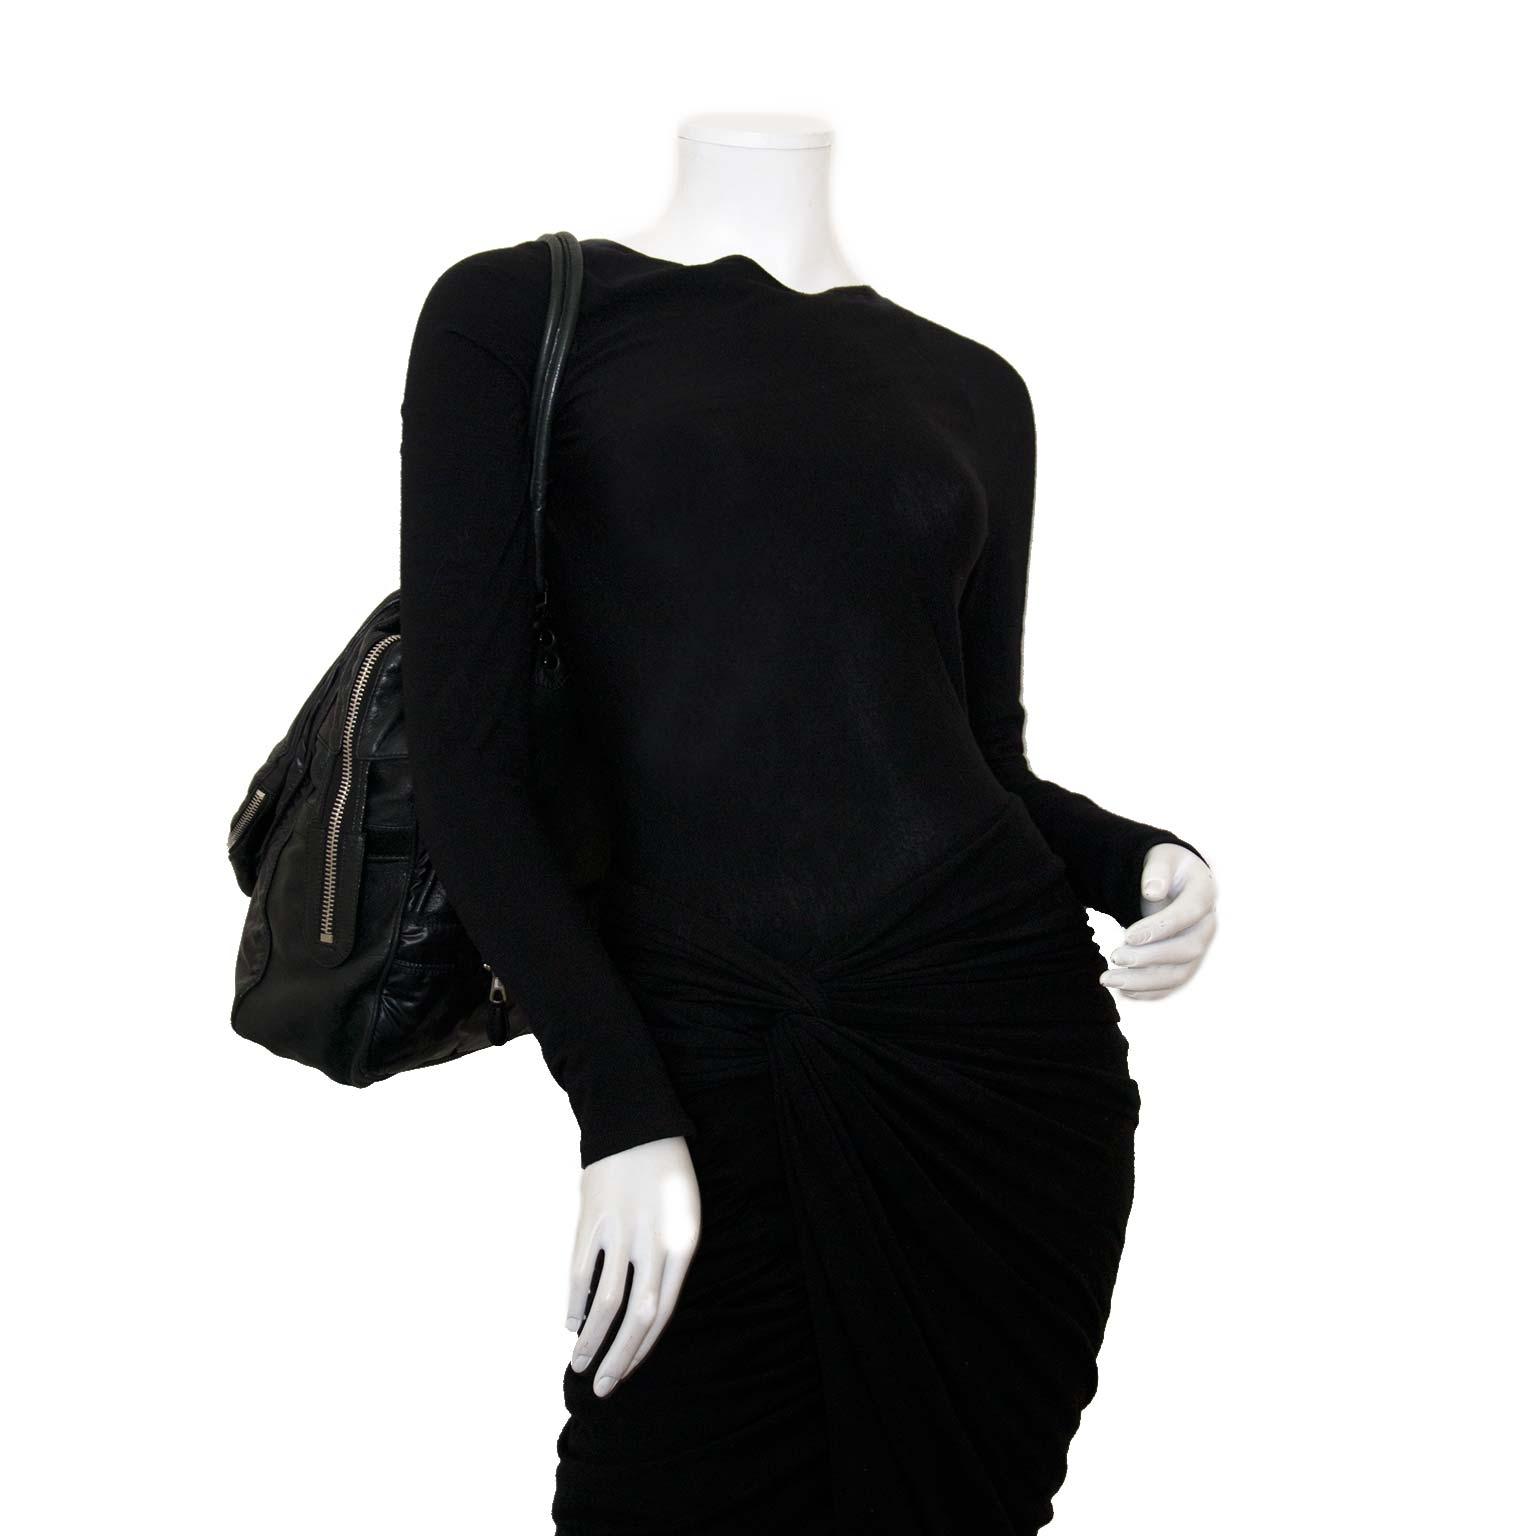 Koop authentieke Balenciaga leder en nylon tas bij labellov vintage mode webshop